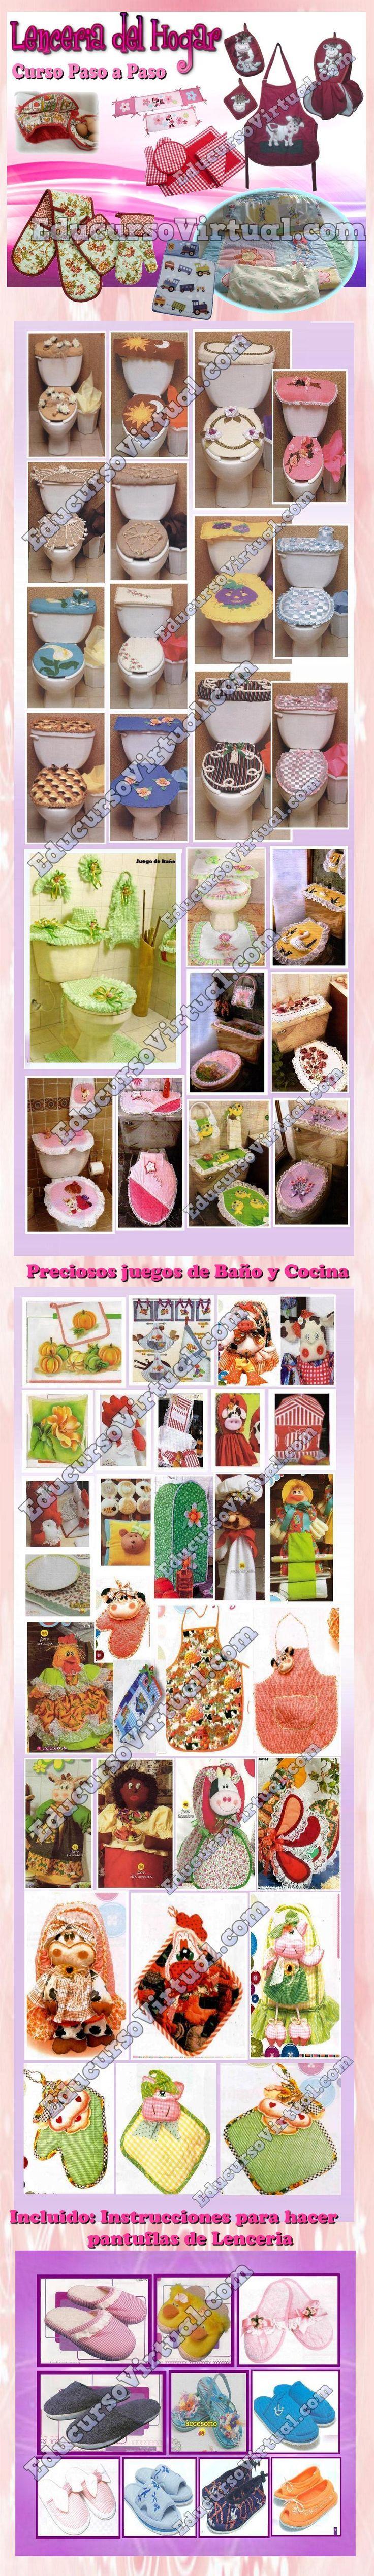 Lenceria De Baño Navidad: about lenceria de baño on Pinterest